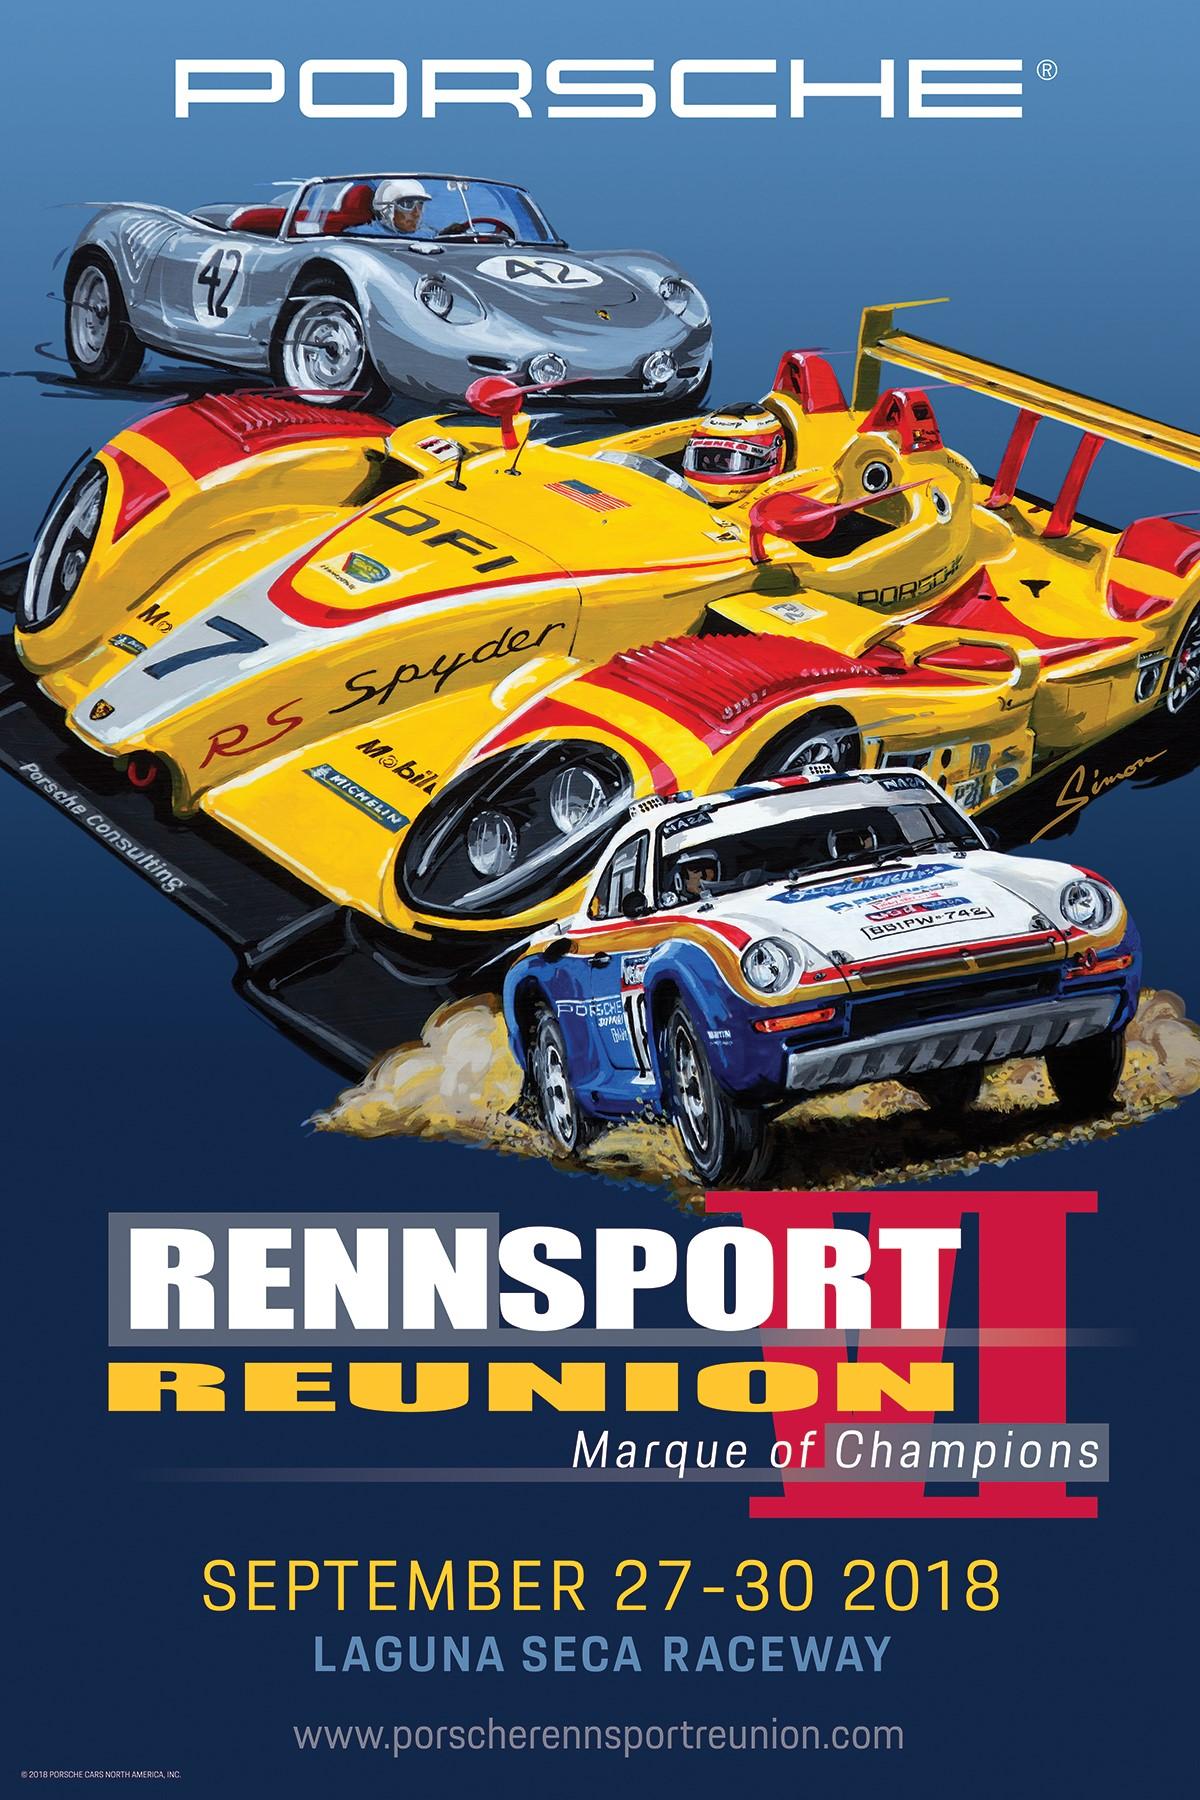 Porsche Rennsport Reunion 2018 poster